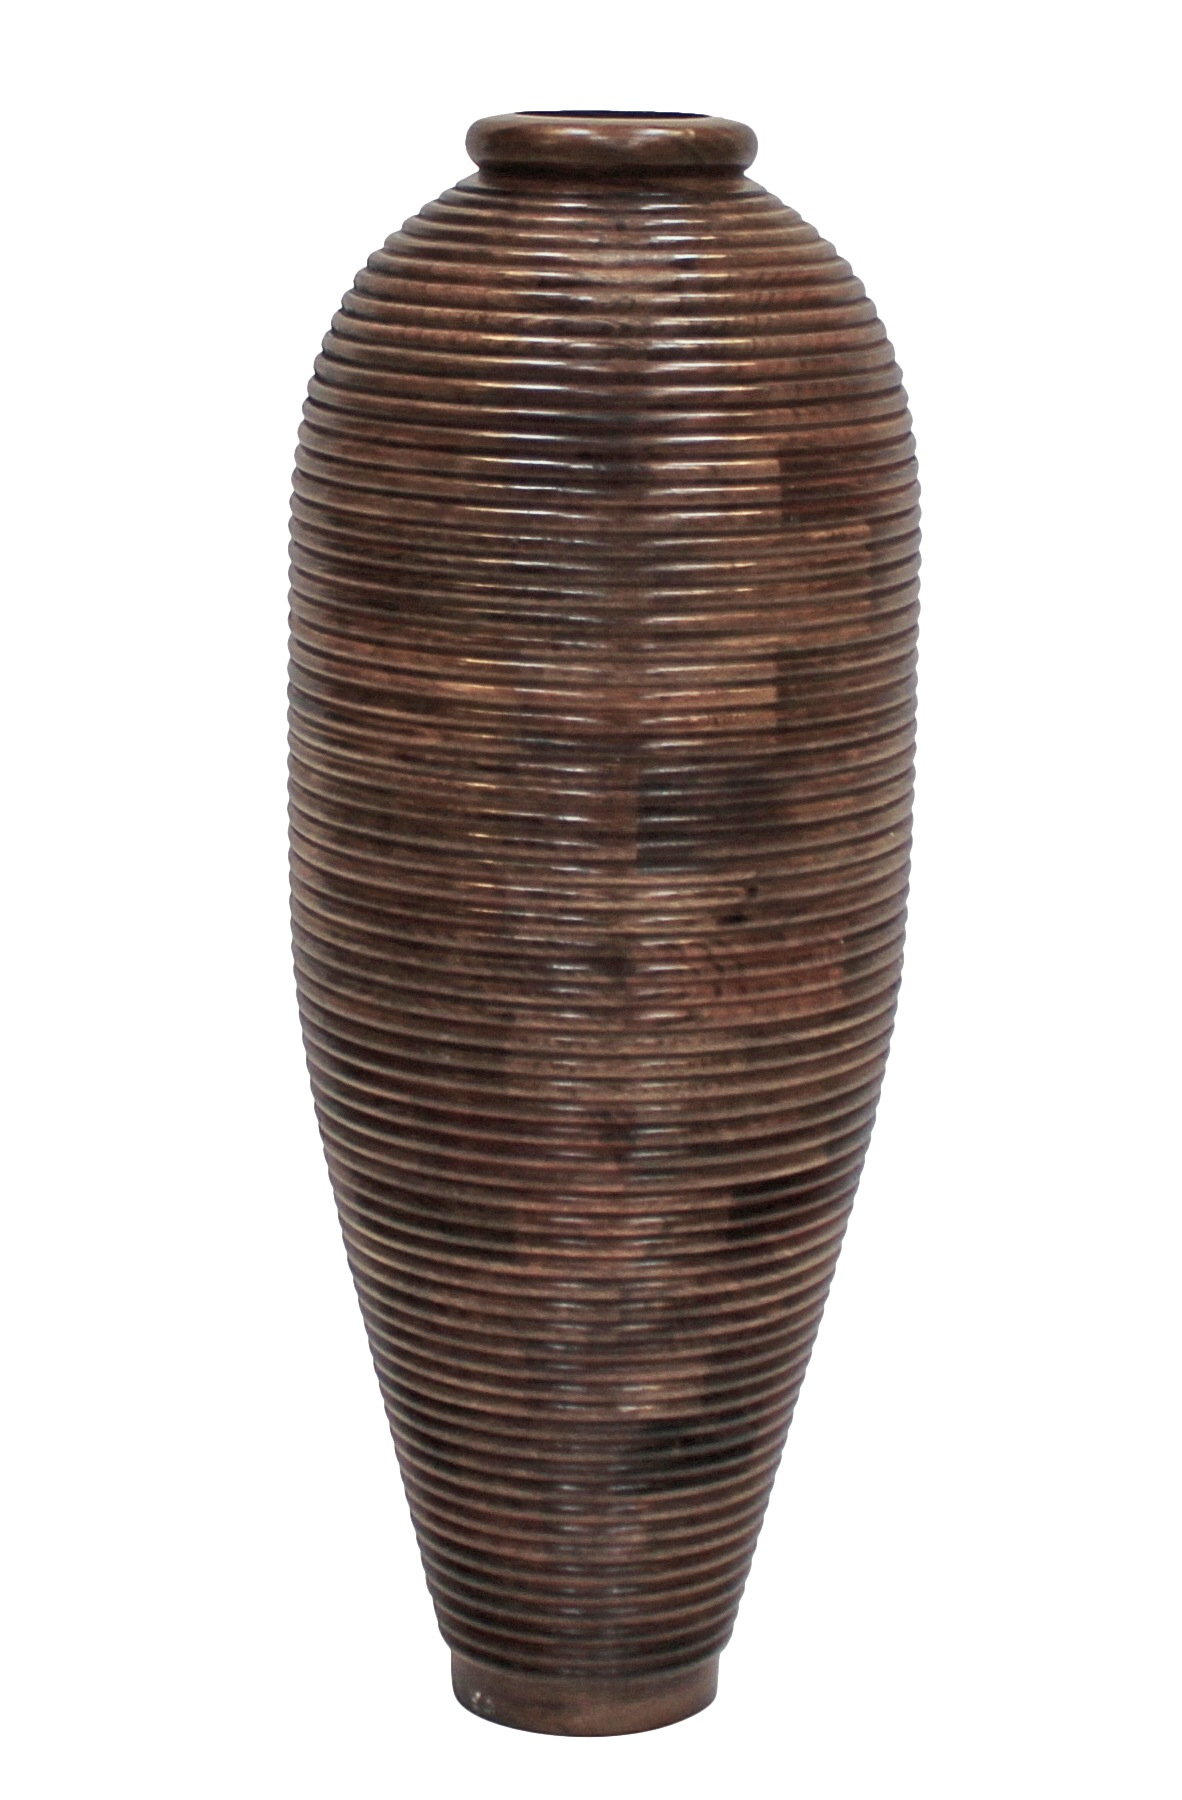 Canett wood vase - massiv mangotræ - h:70 fra Canett på unoliving.com